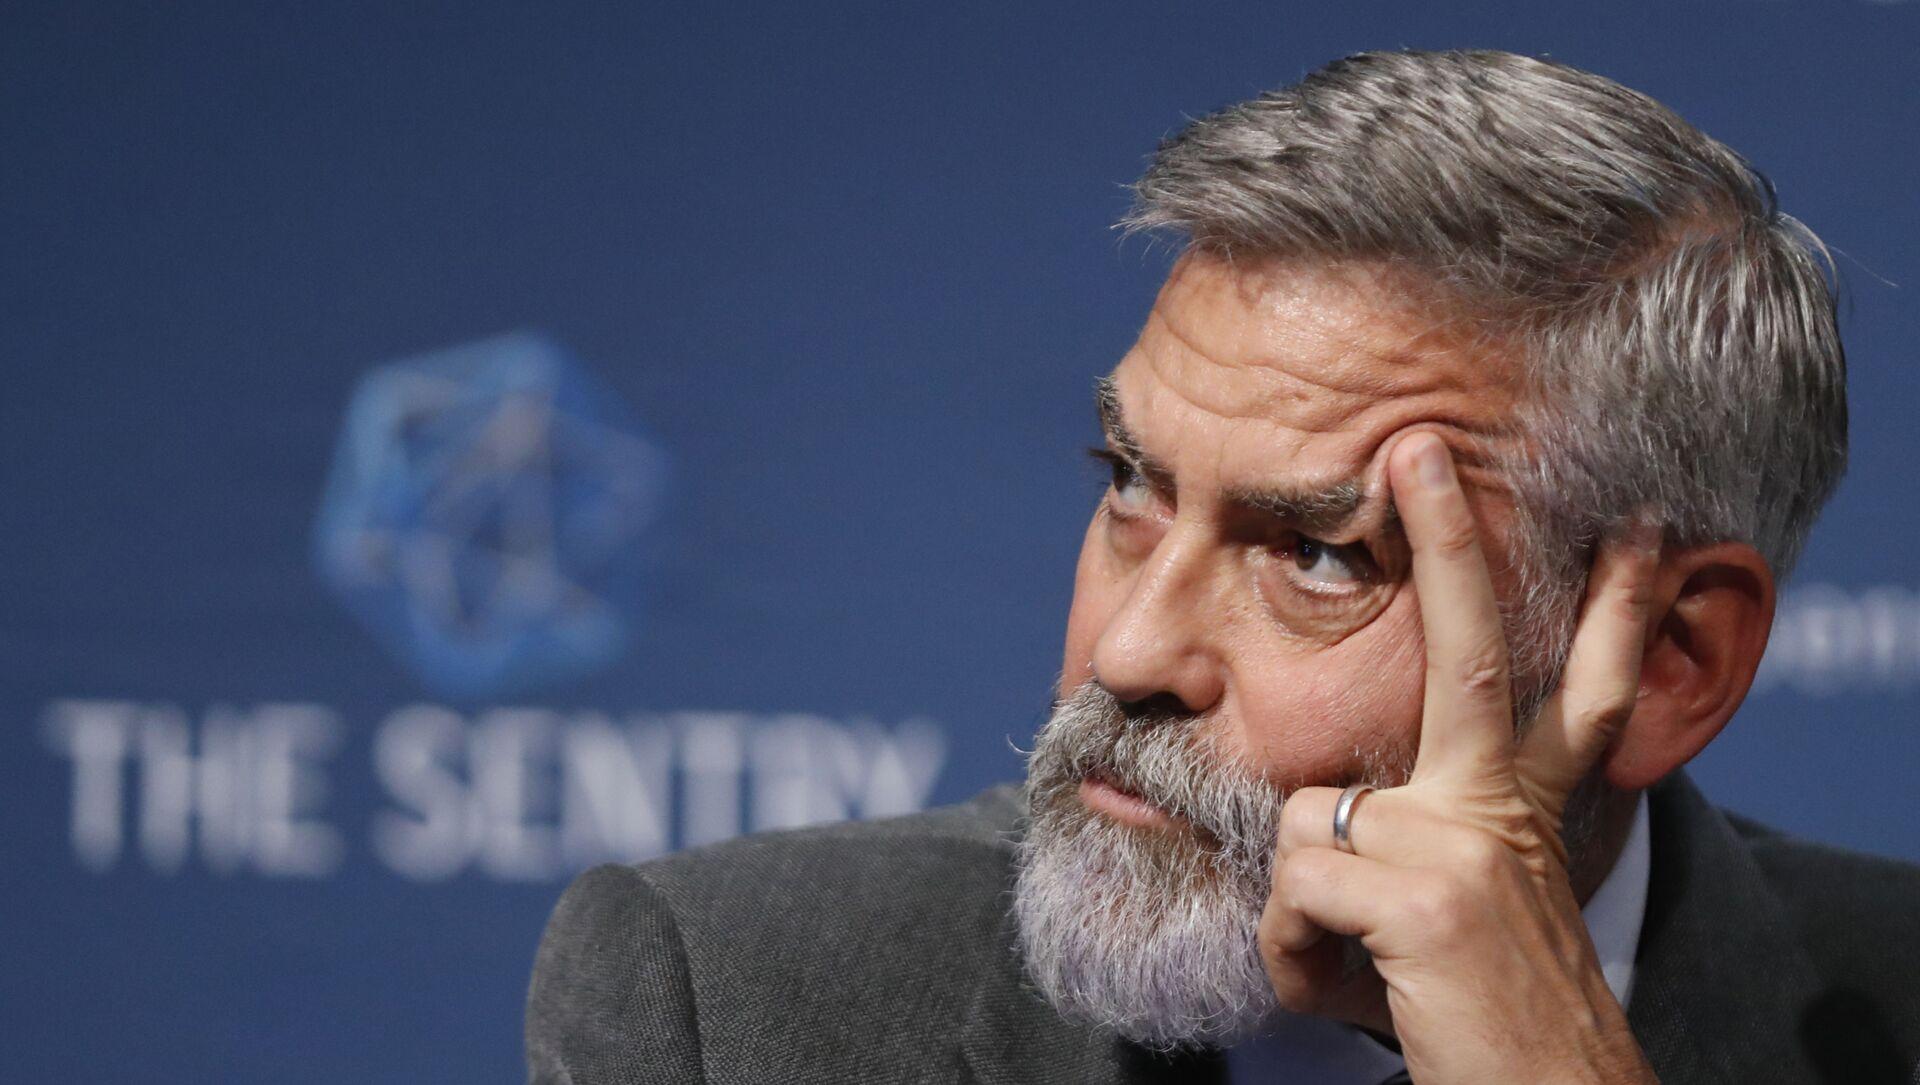 George Clooney - Sputnik Türkiye, 1920, 29.07.2021